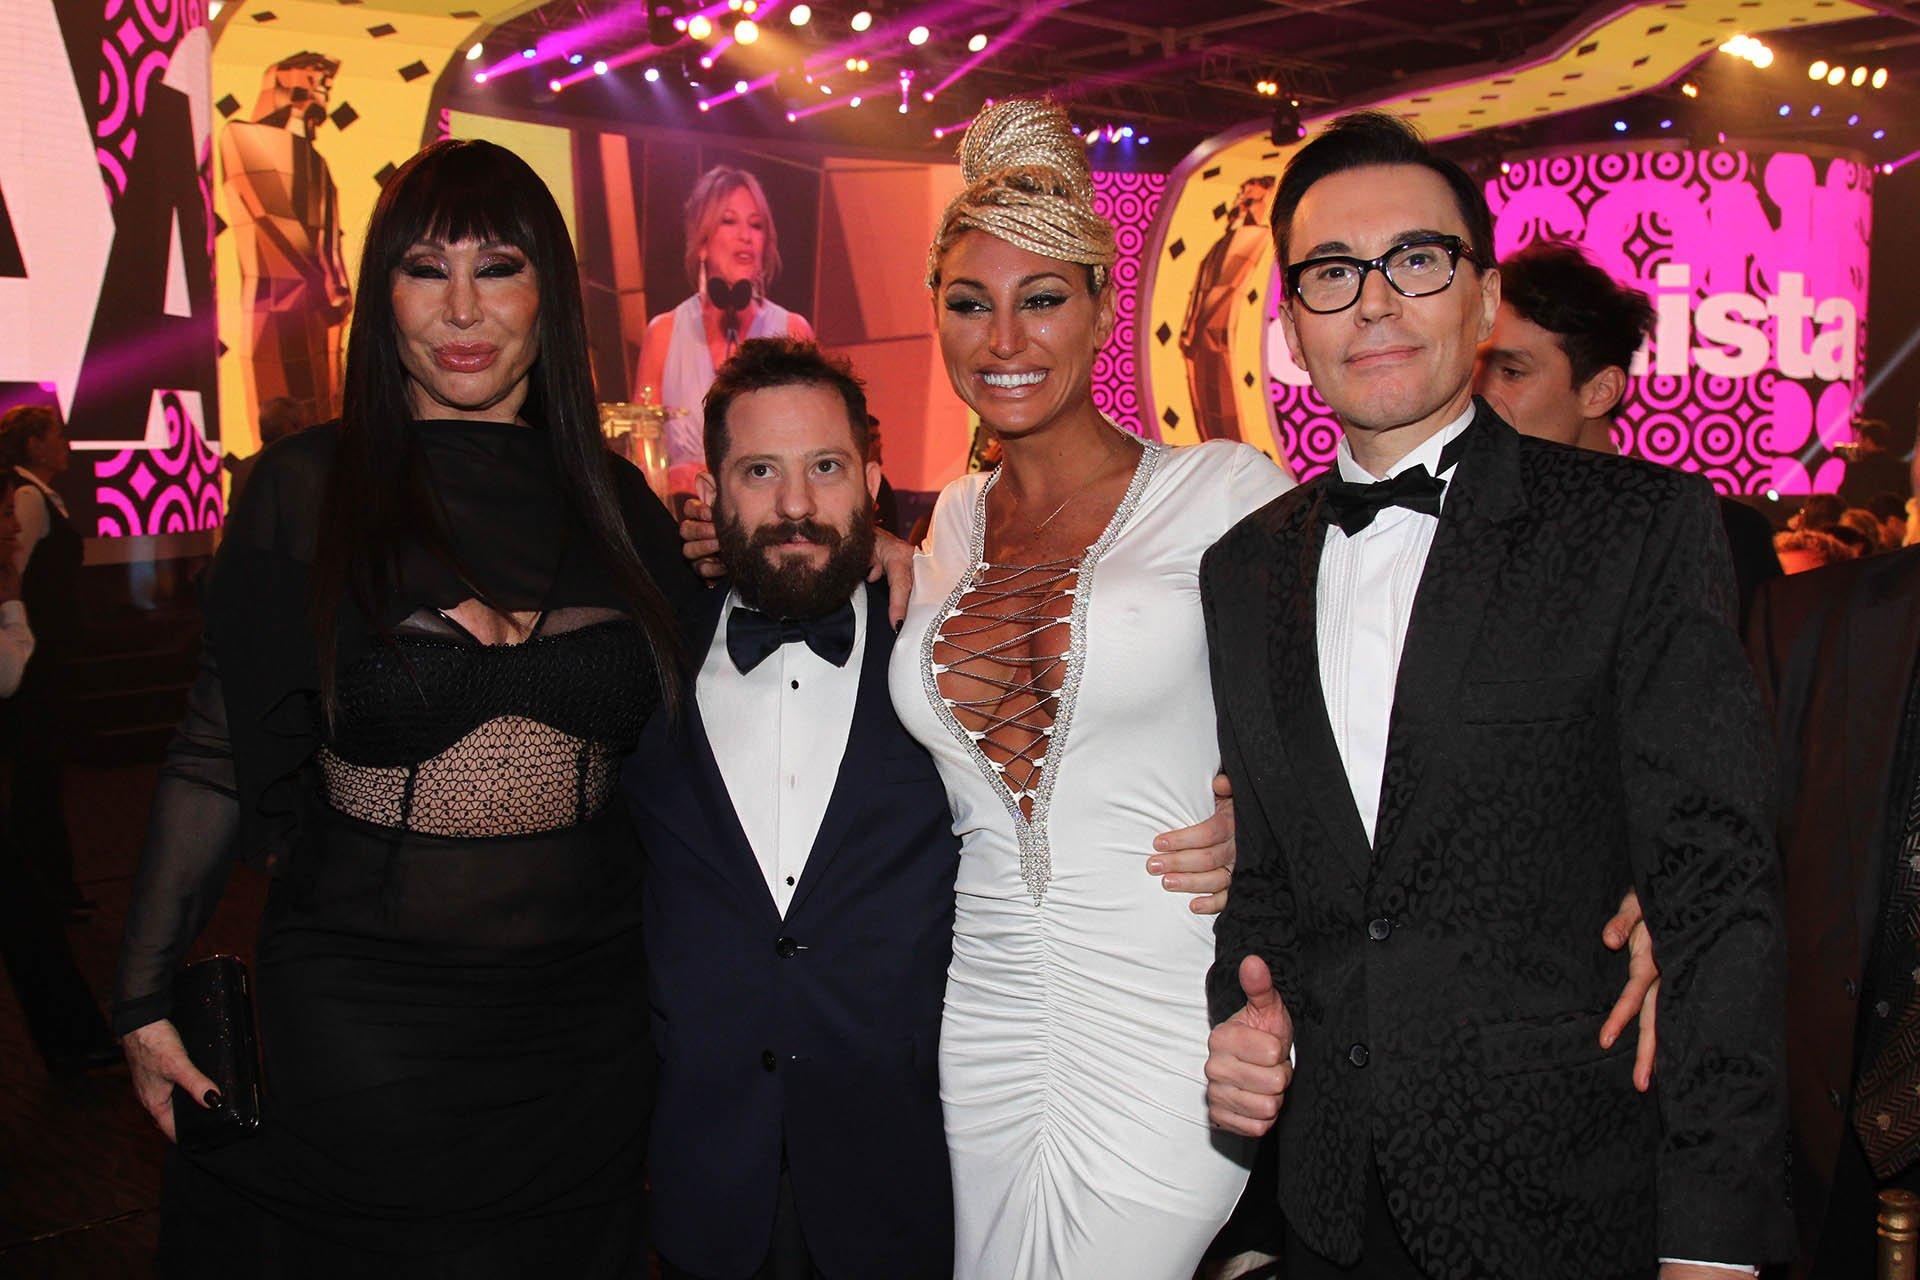 Moria Casán, Vicky Xipolitakis y su pareja el diputado José Ottavis, junto al periodista Marcelo Polino